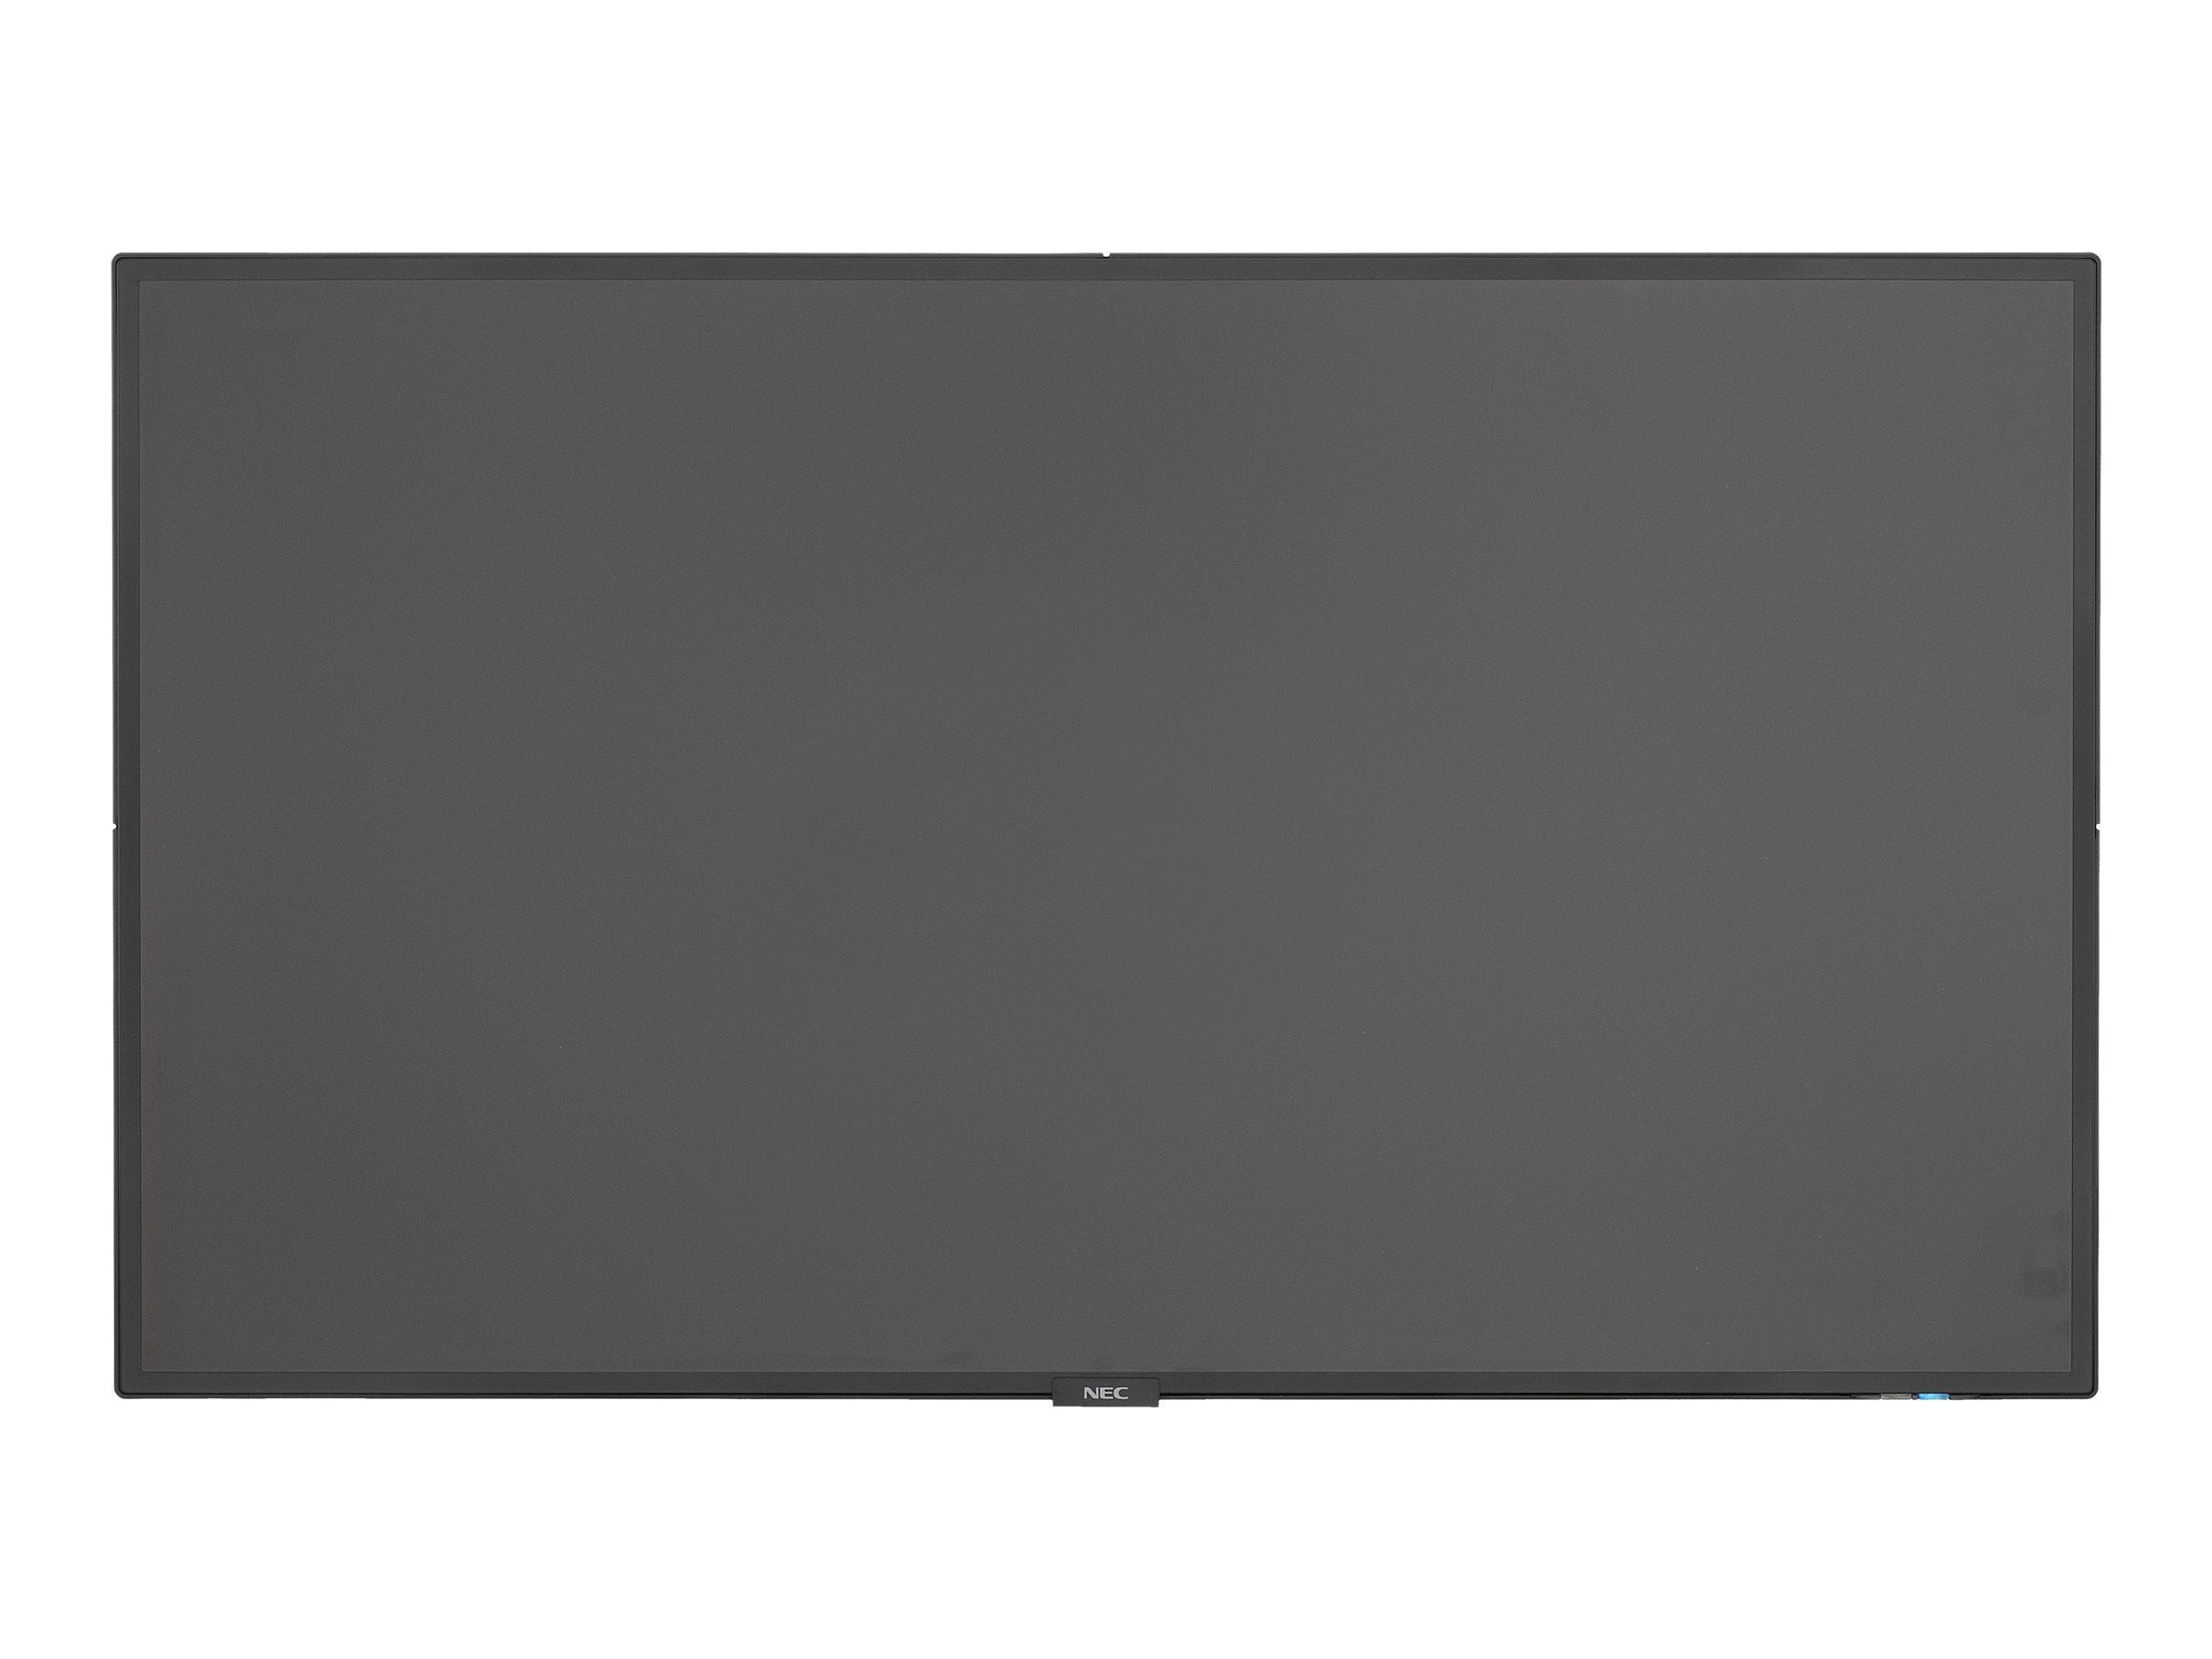 NEC MultiSync V404 - 101.6 cm (40